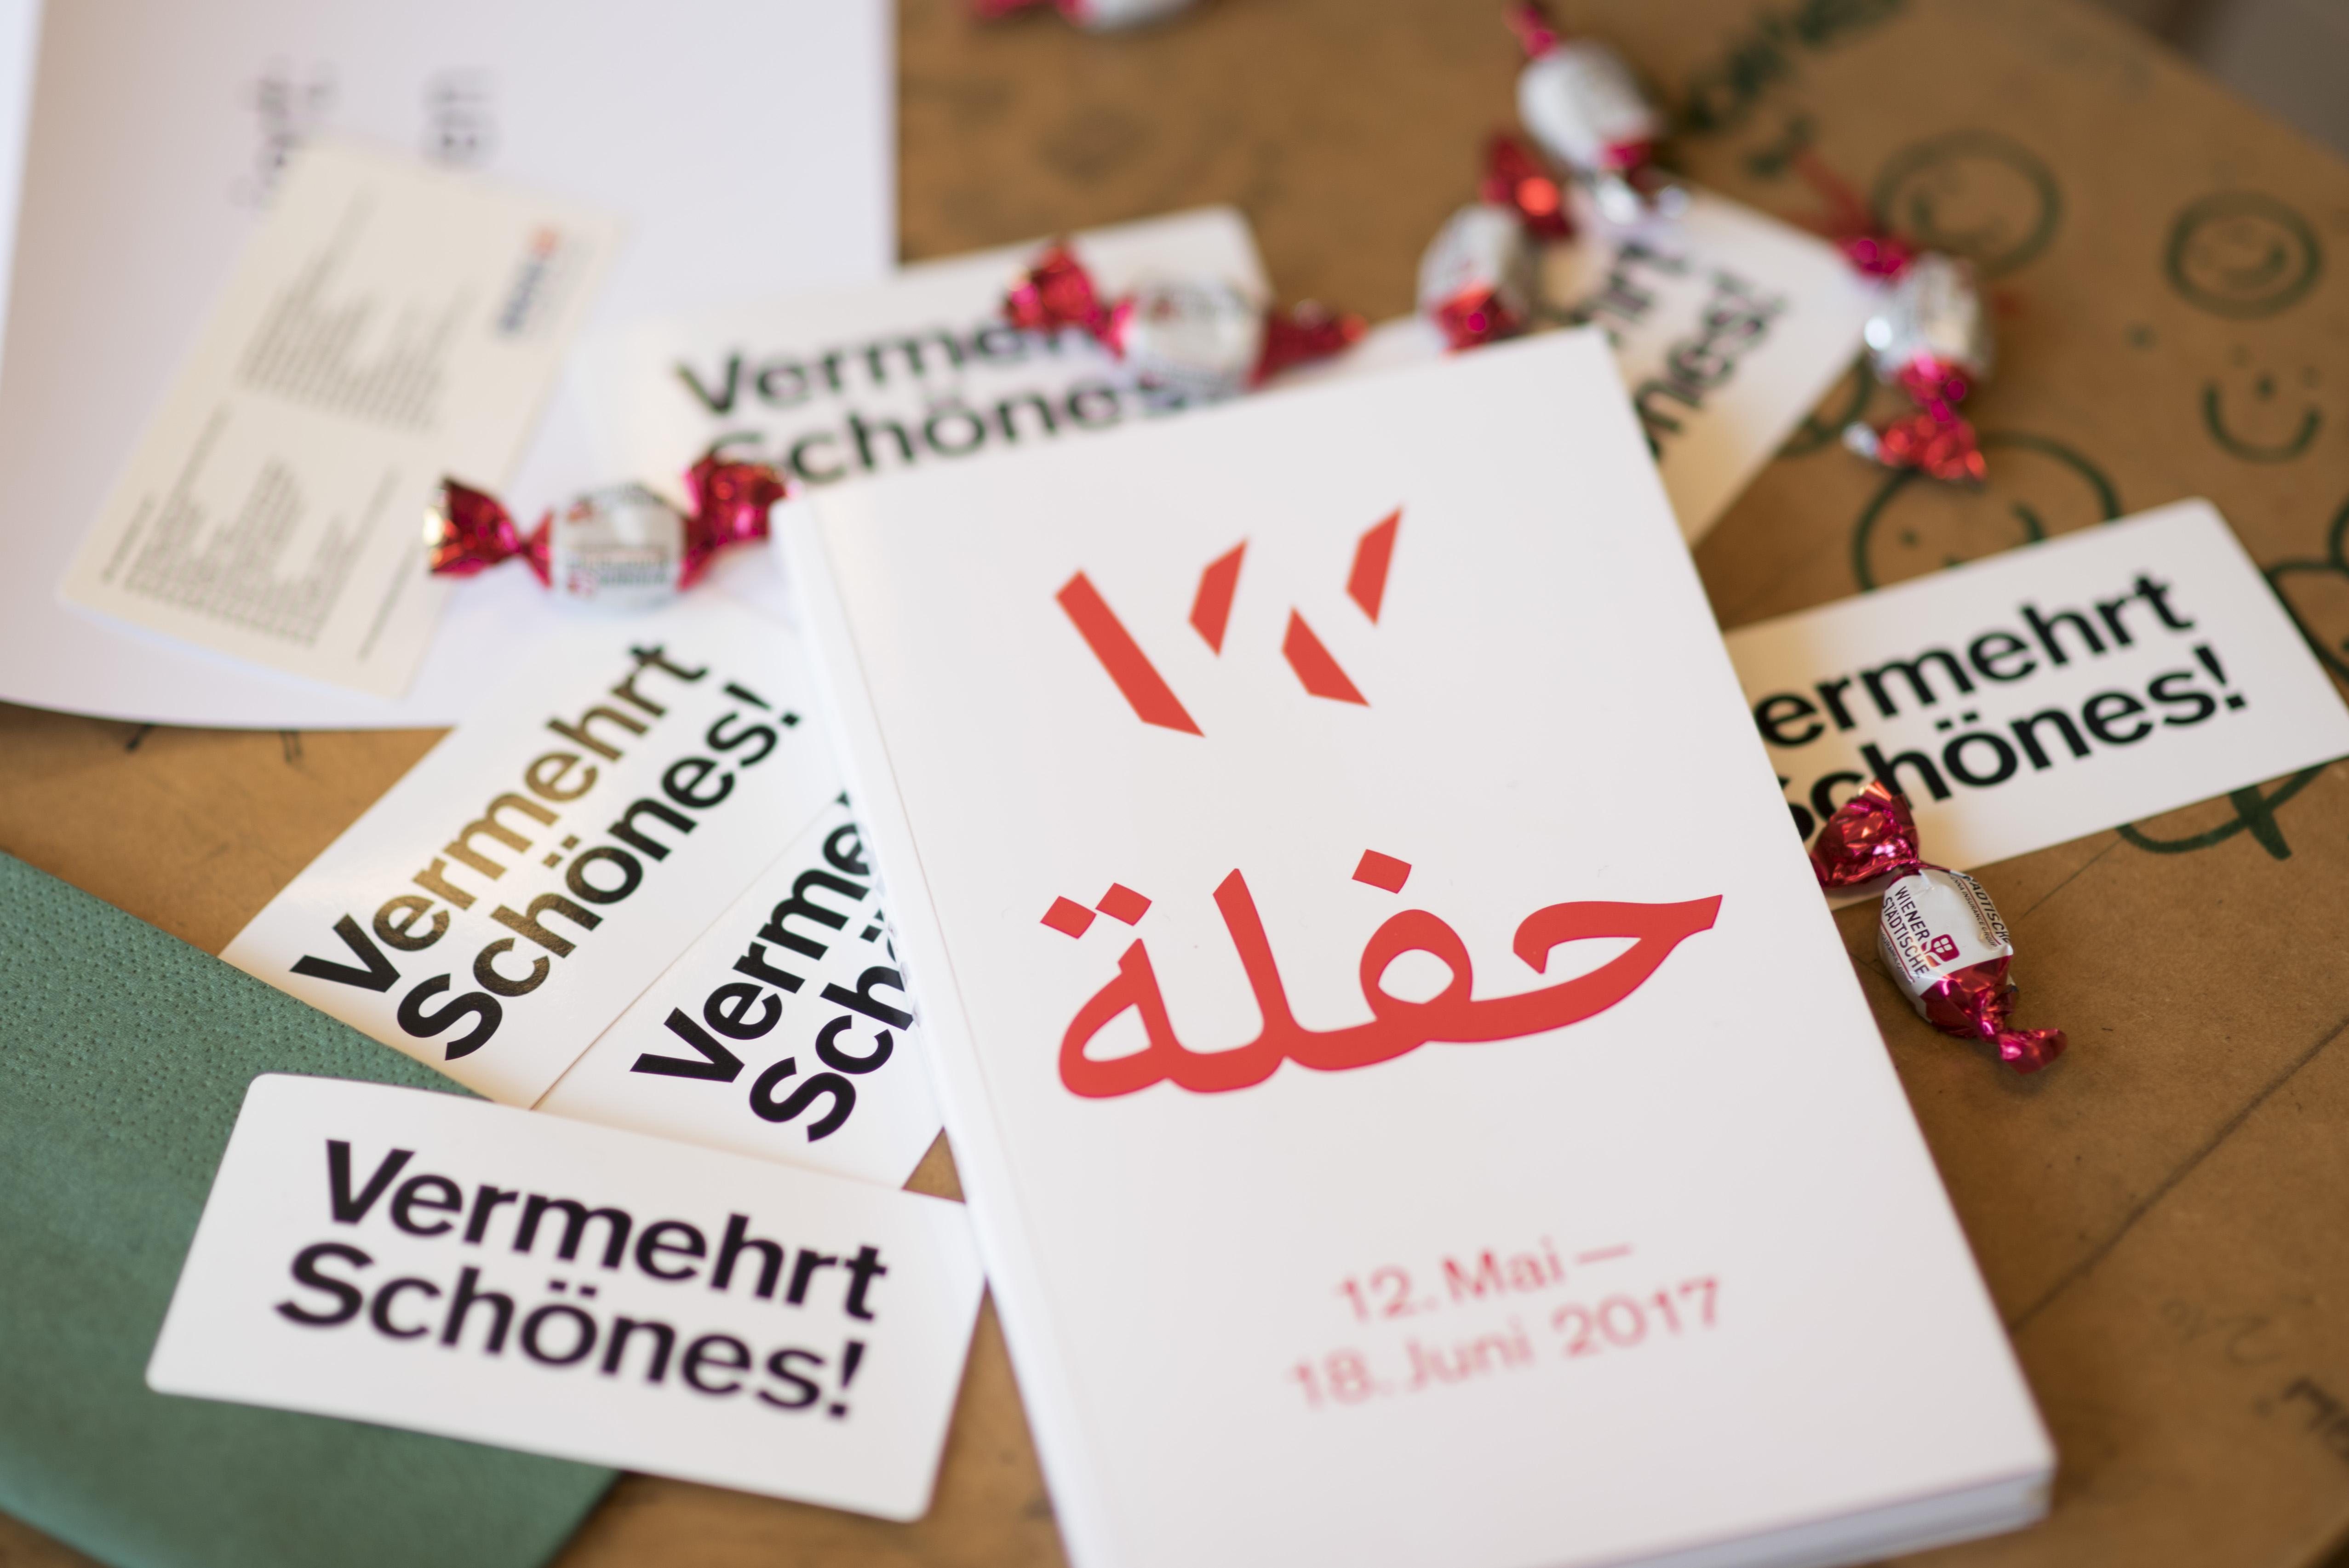 Wiener Festwochen Arabischer Broschüre